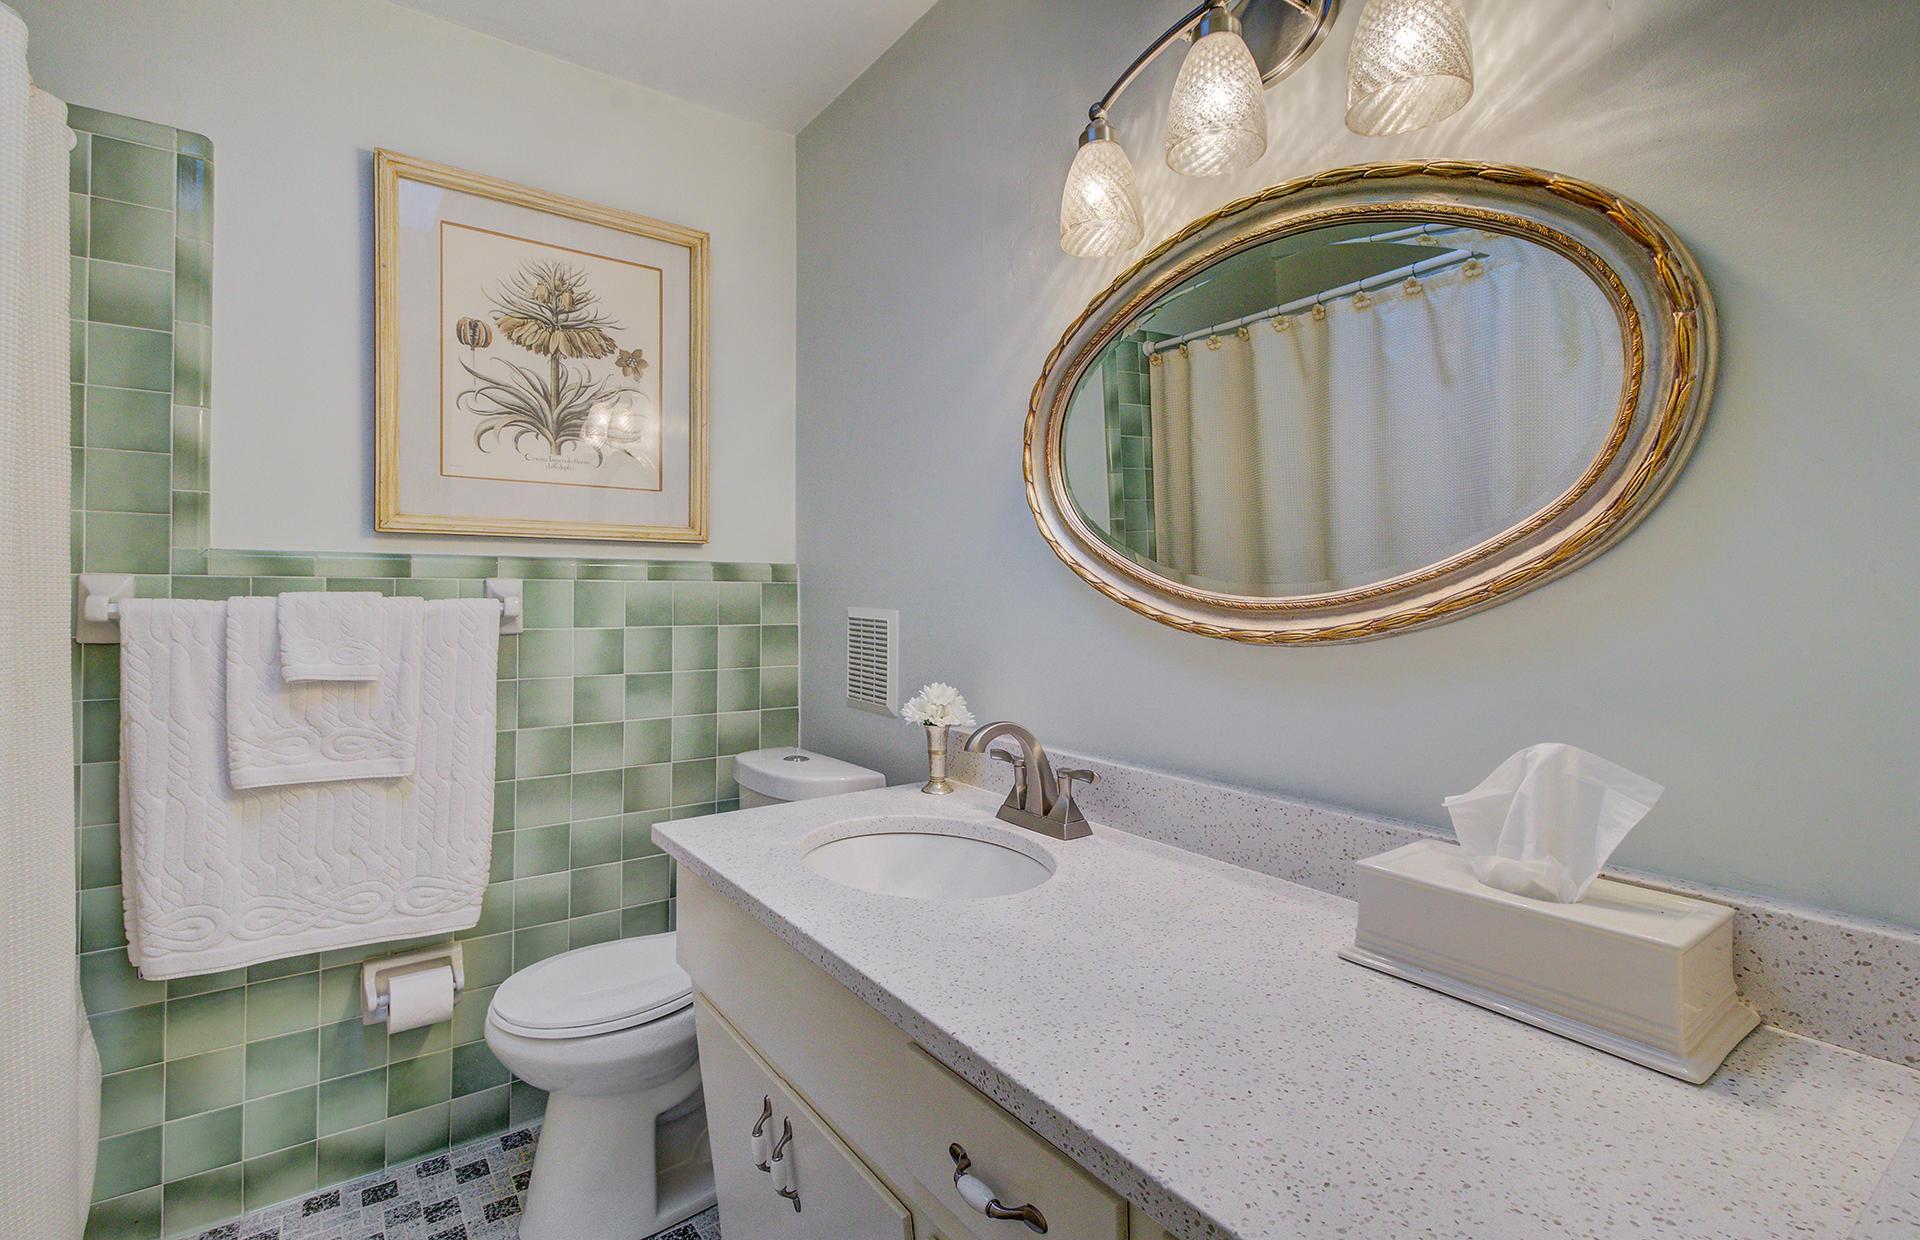 Pine Forest Inn Homes For Sale - 543 Simmons, Summerville, SC - 63